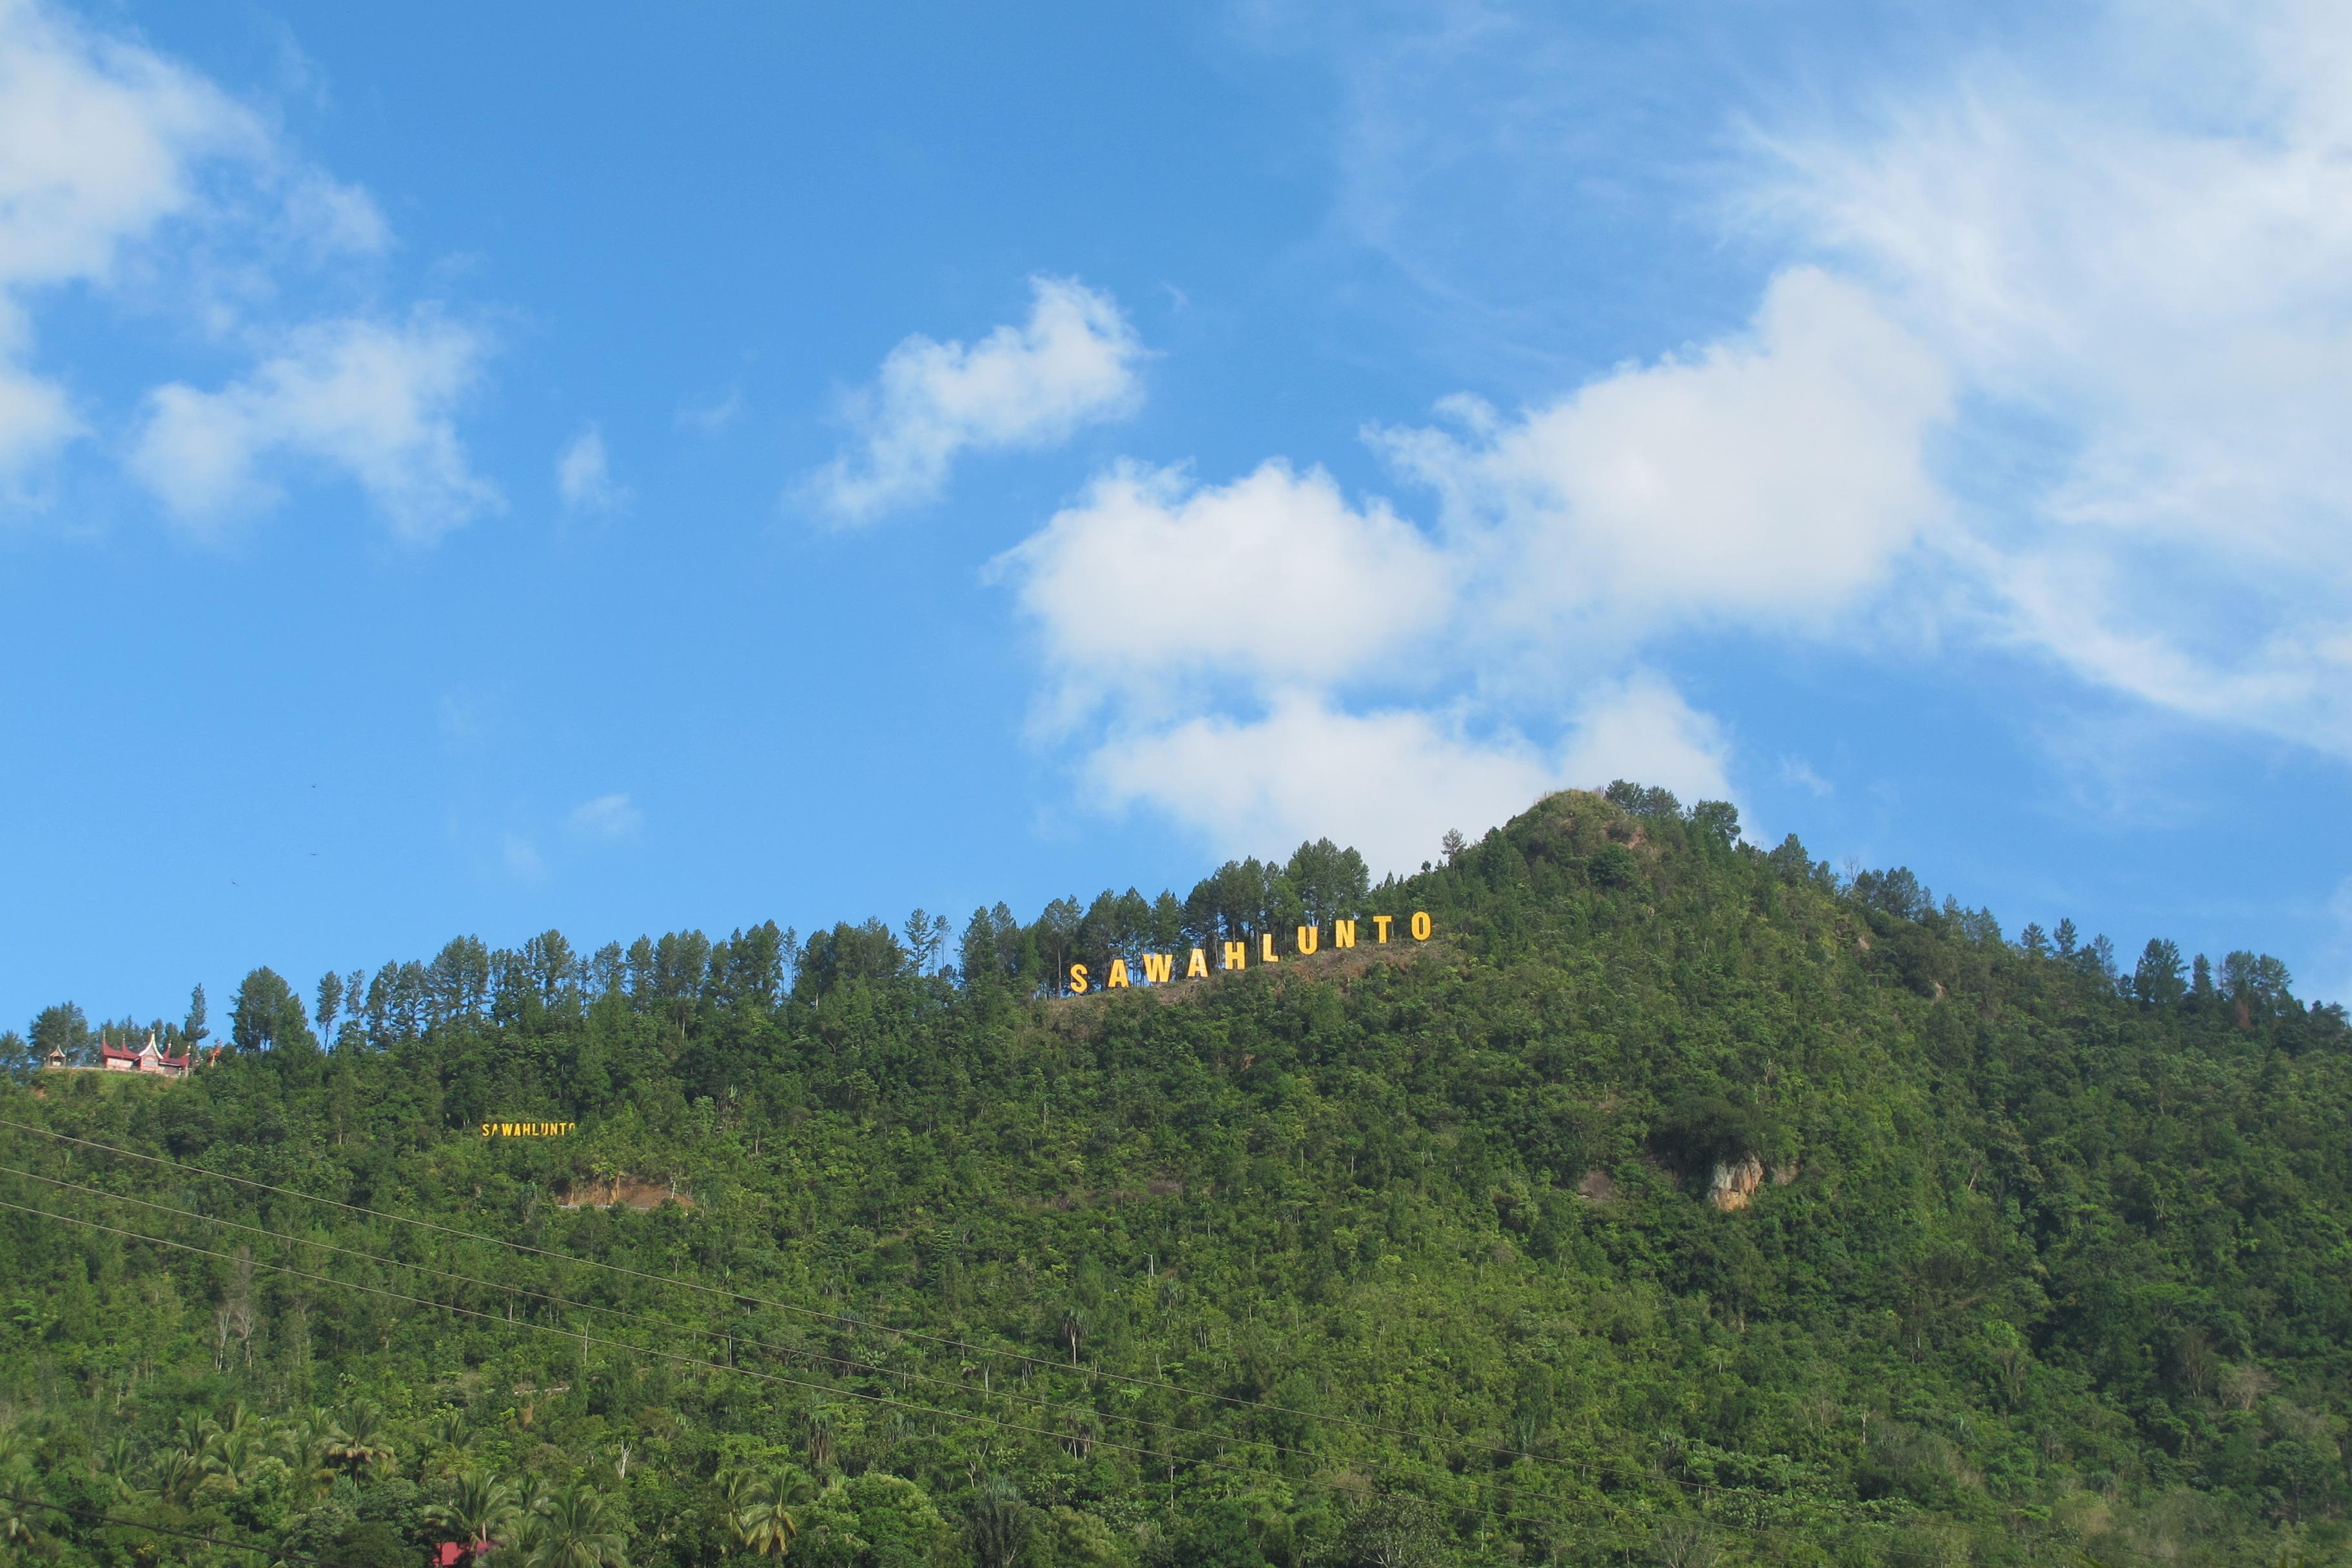 Tulisan Sawah Lunto di bukit